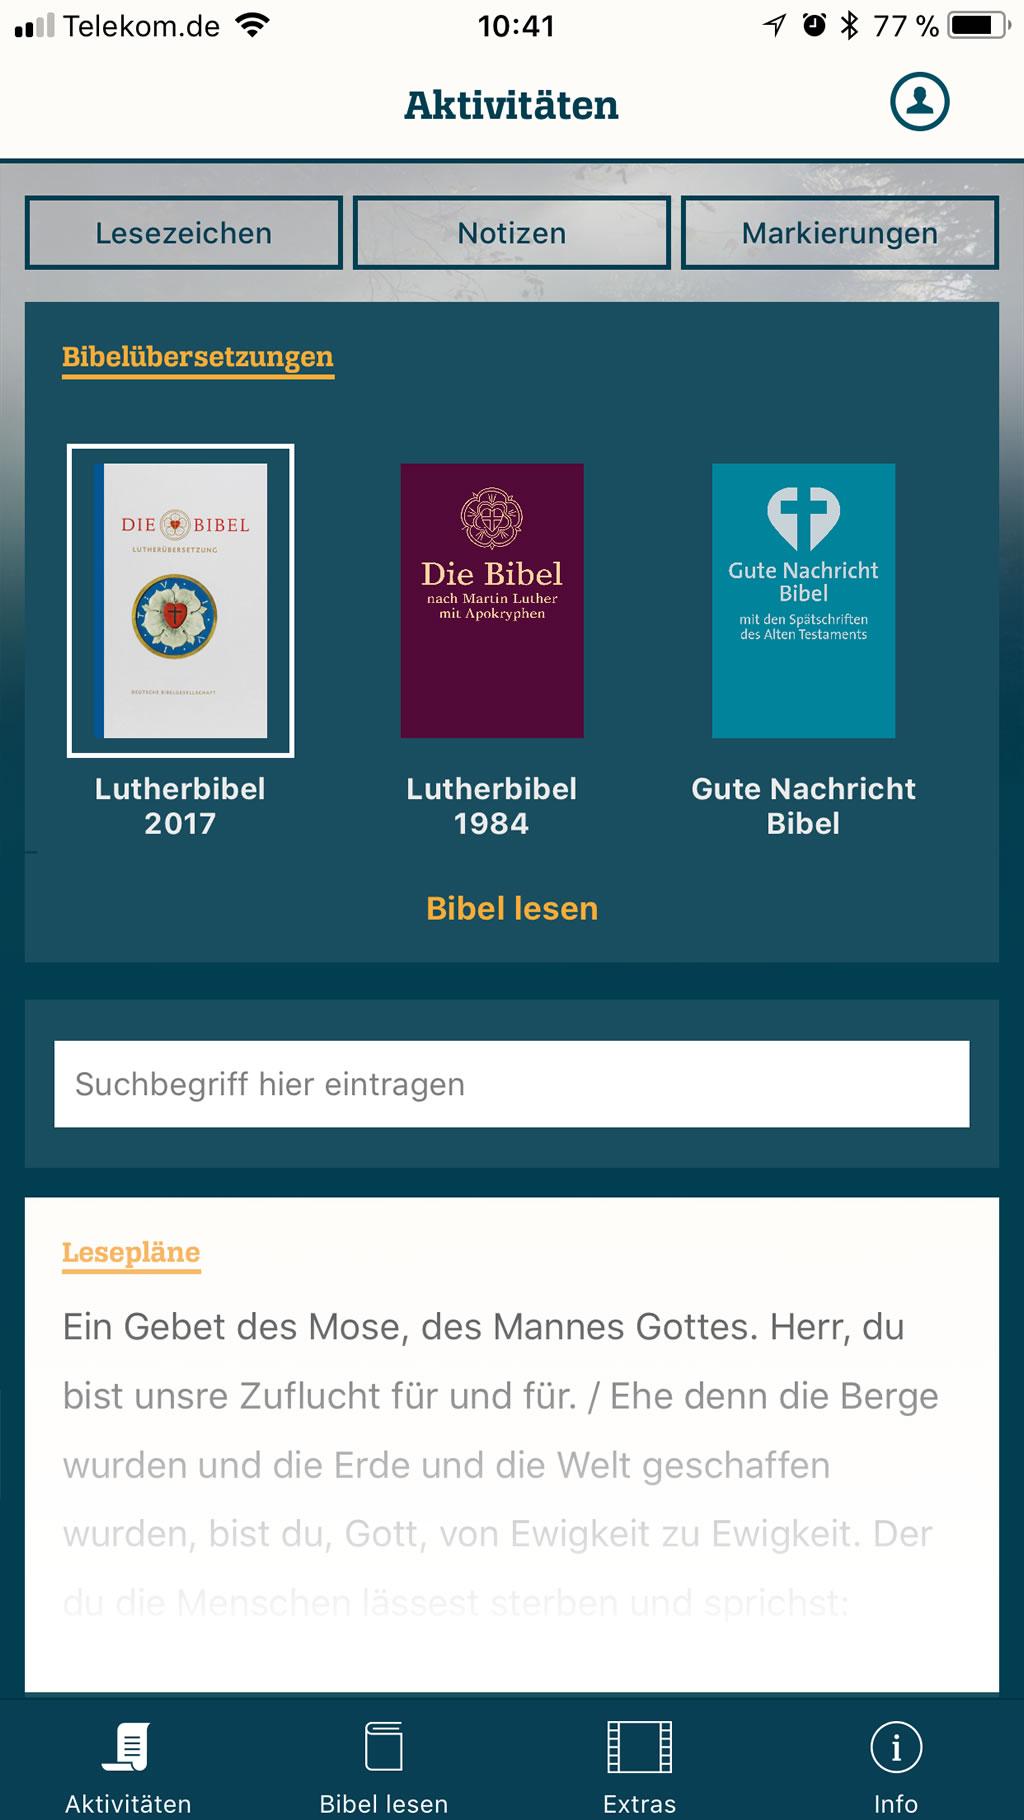 Online täglicher Bibelvers